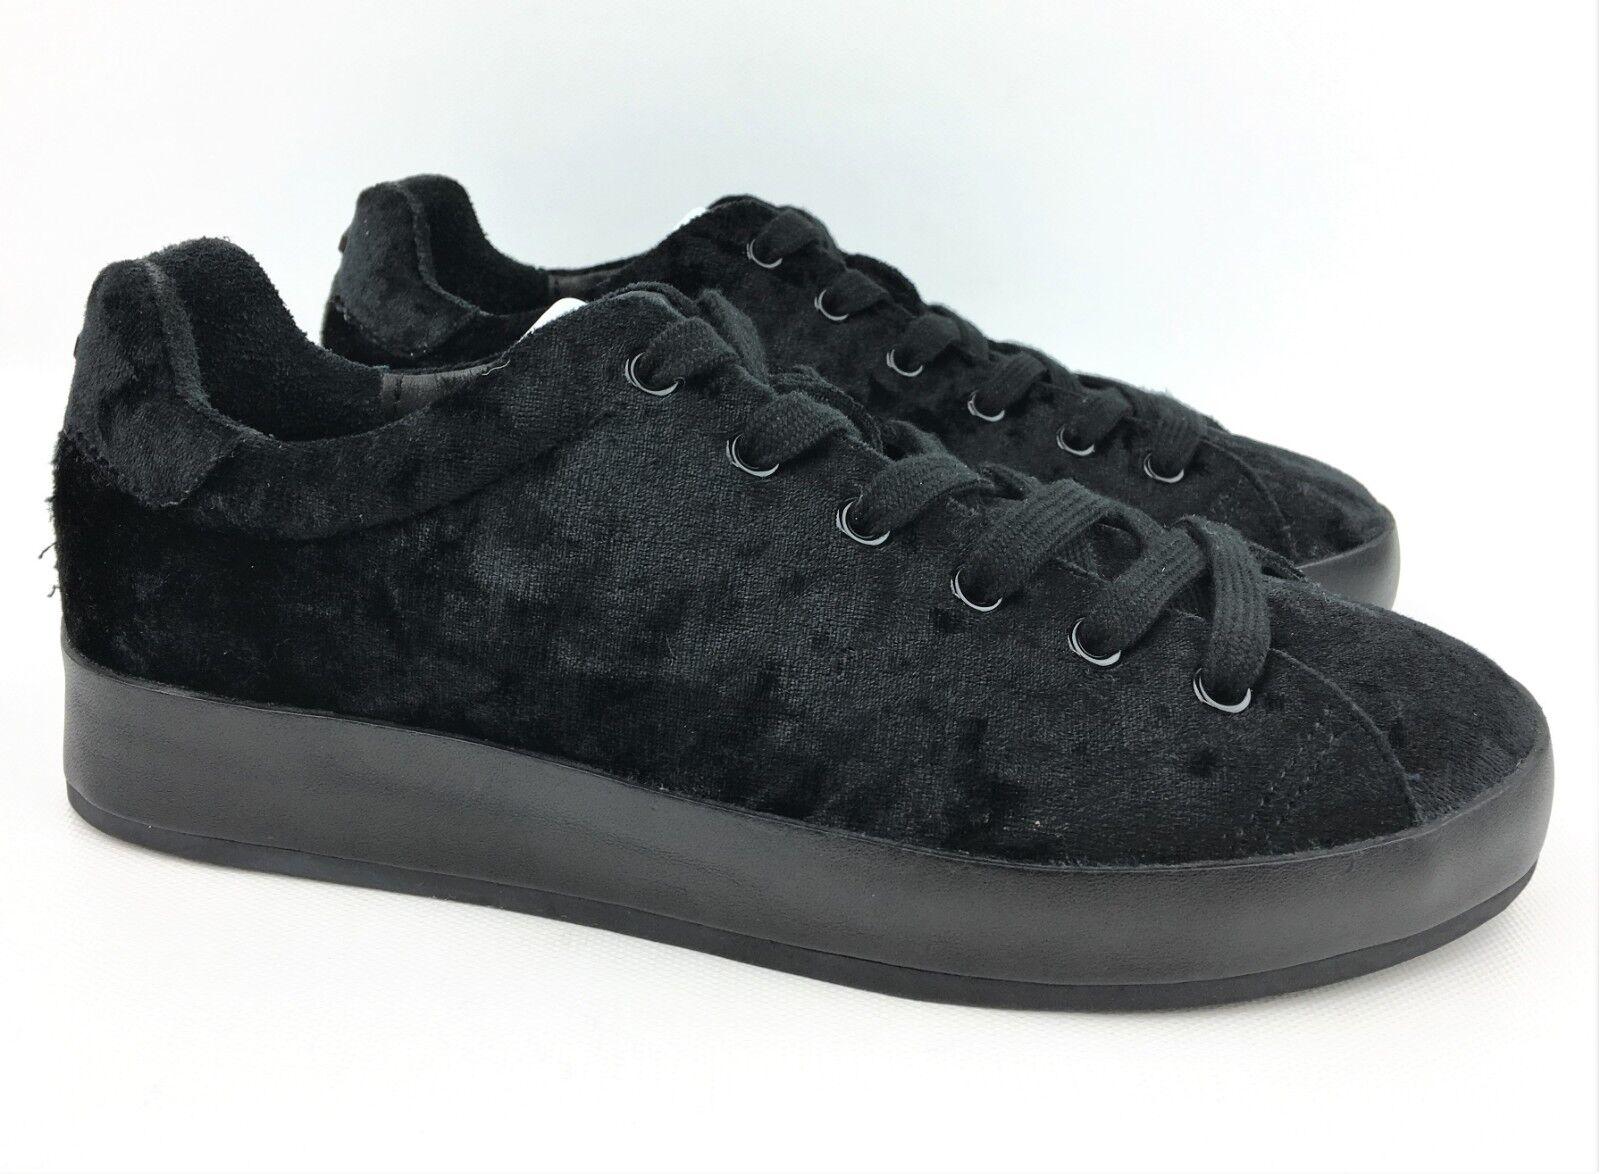 Rag & Bone Bone Bone para mujeres RB1 Negro Terciopelo Baja Zapatillas Talla  36   US 6 -  325  tienda hace compras y ventas